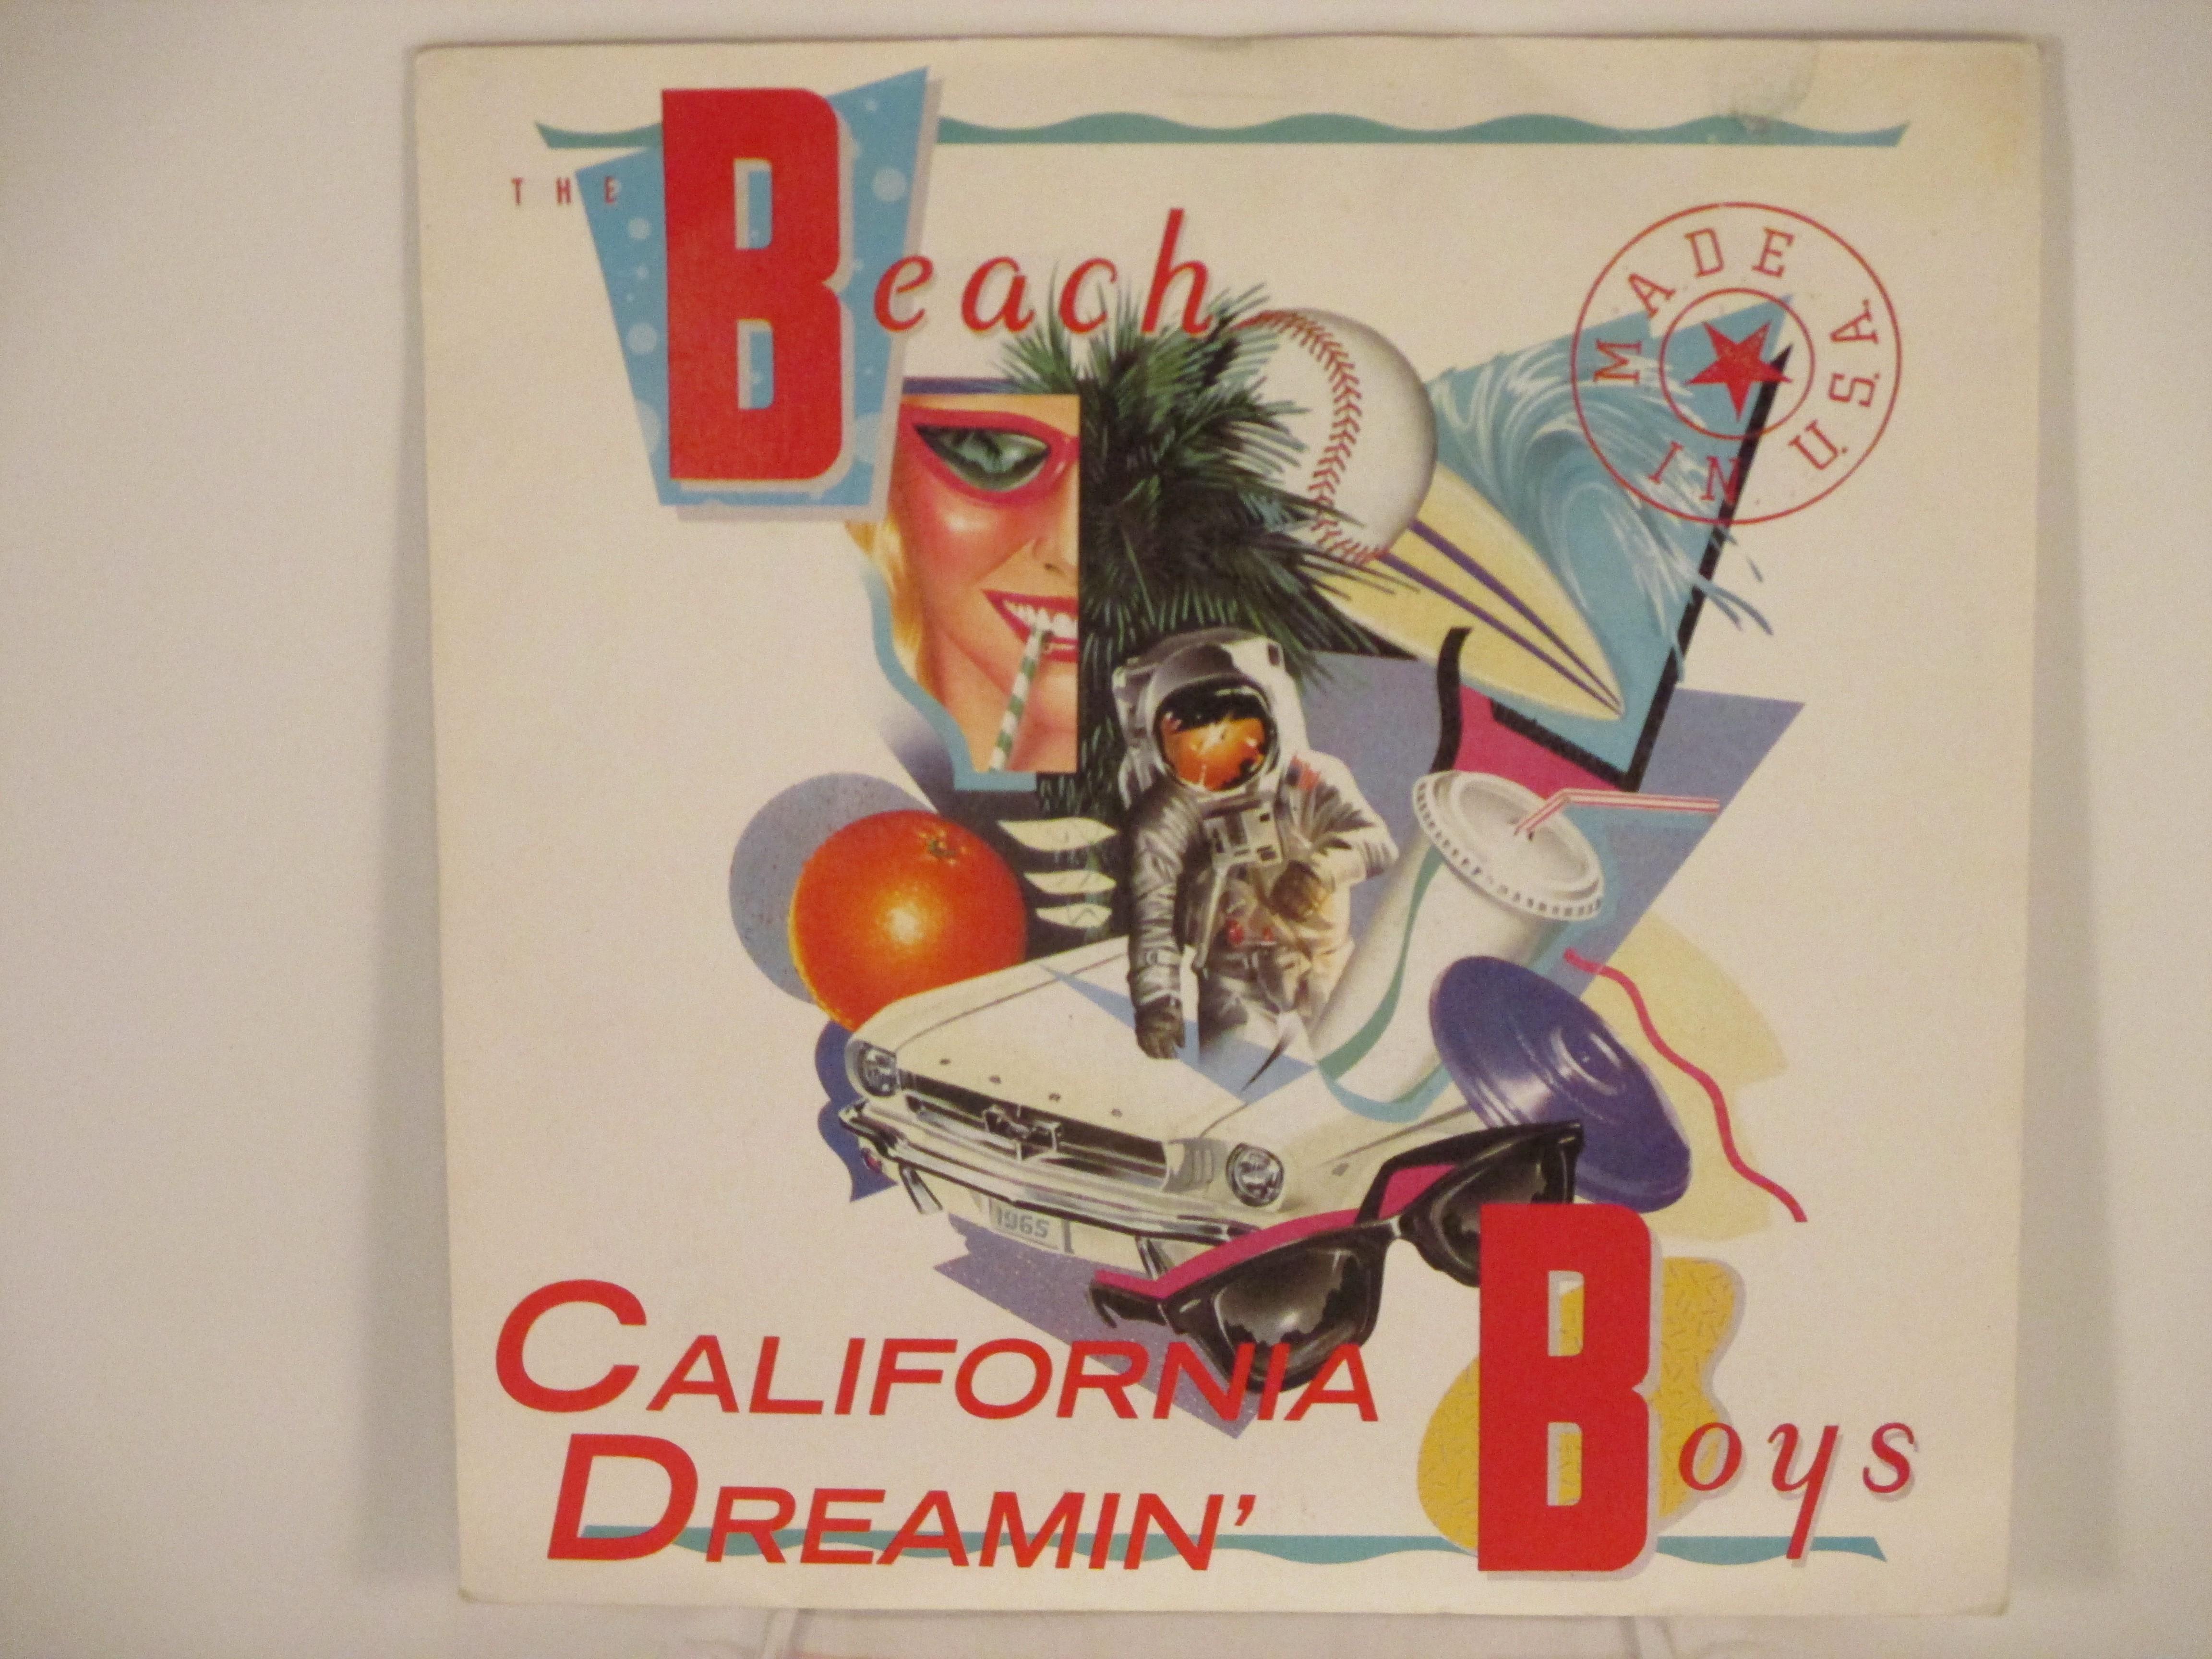 BEACH BOYS : California dreamin' / Lade Liberty